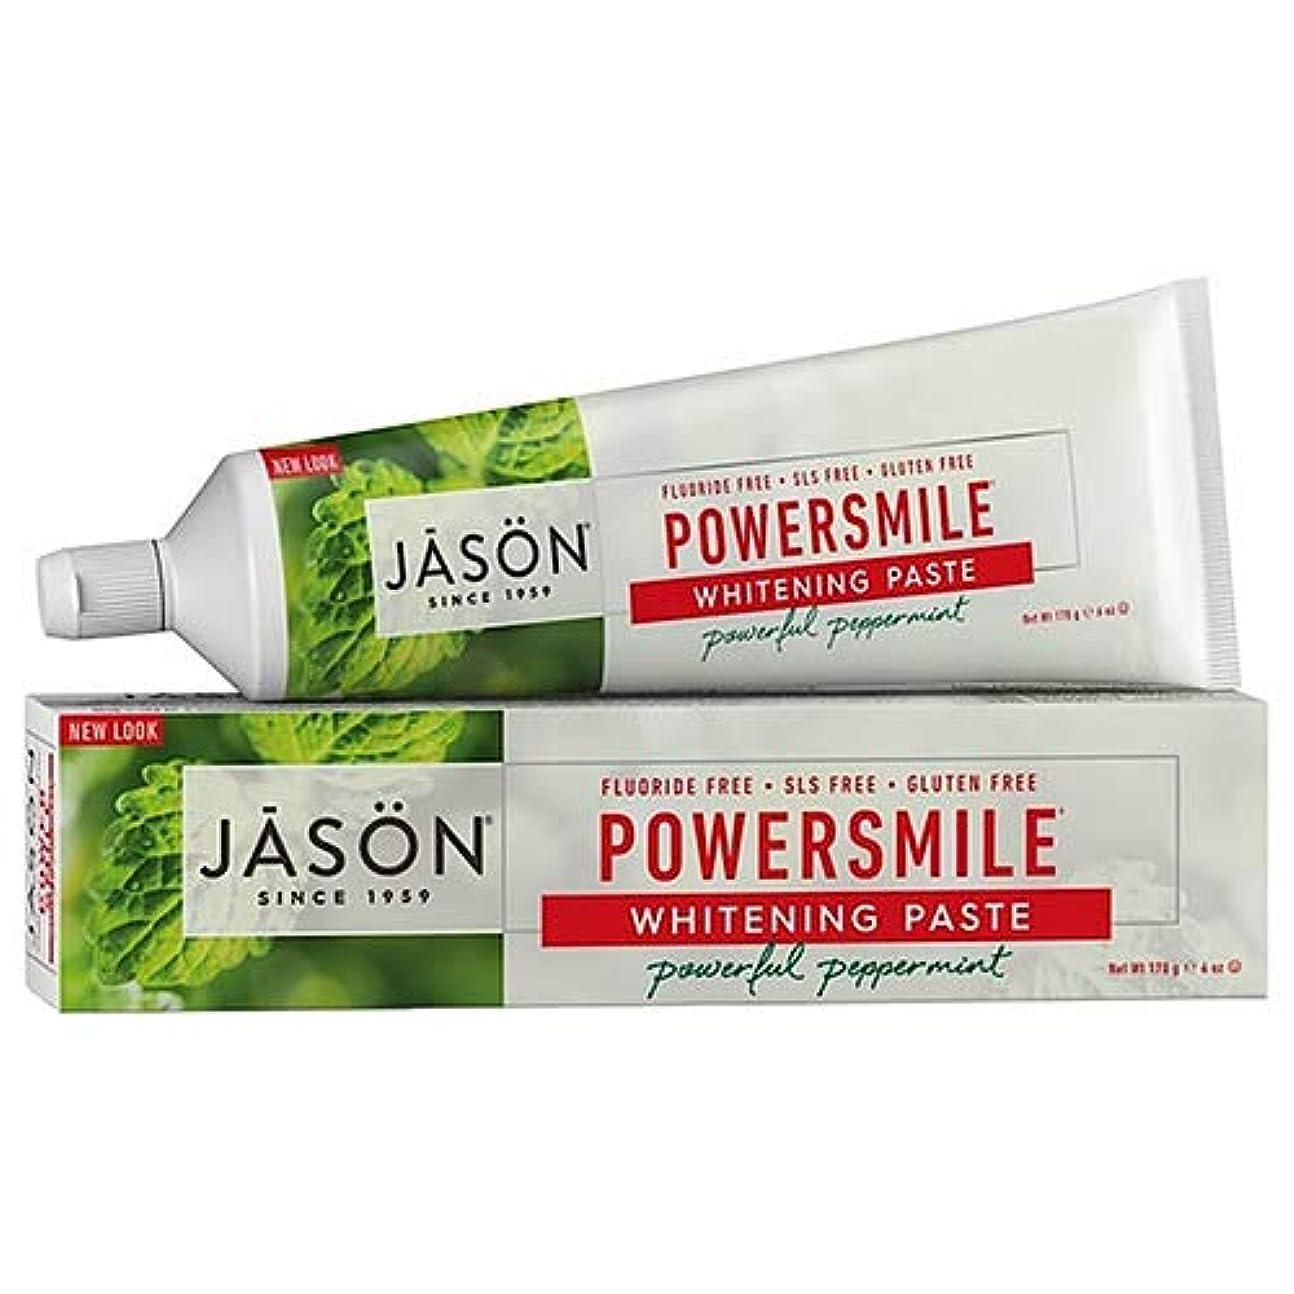 お金ゴムスワップ社交的Jason Natural, PowerSmile, Antiplaque & Whitening Paste, Powerful Peppermint, 6 oz (170 g)